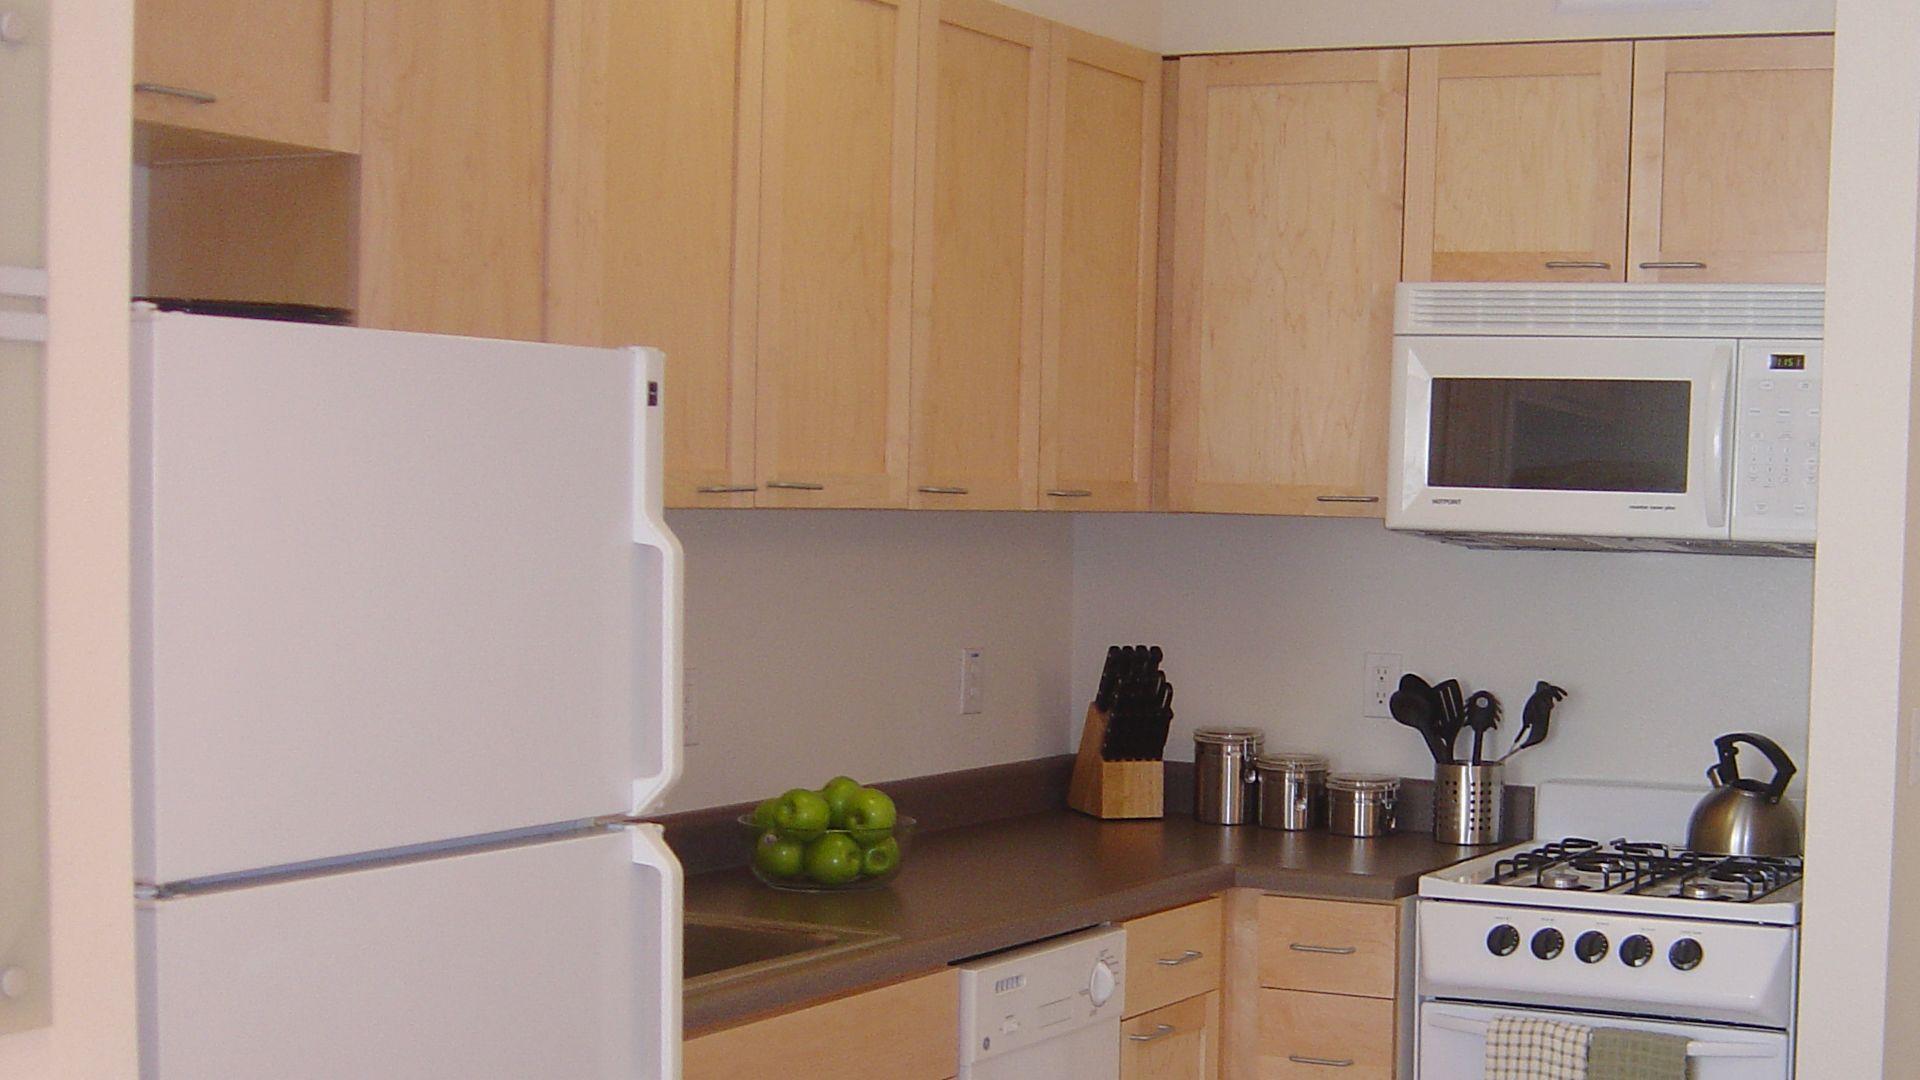 Touriel Apartments Kitchen